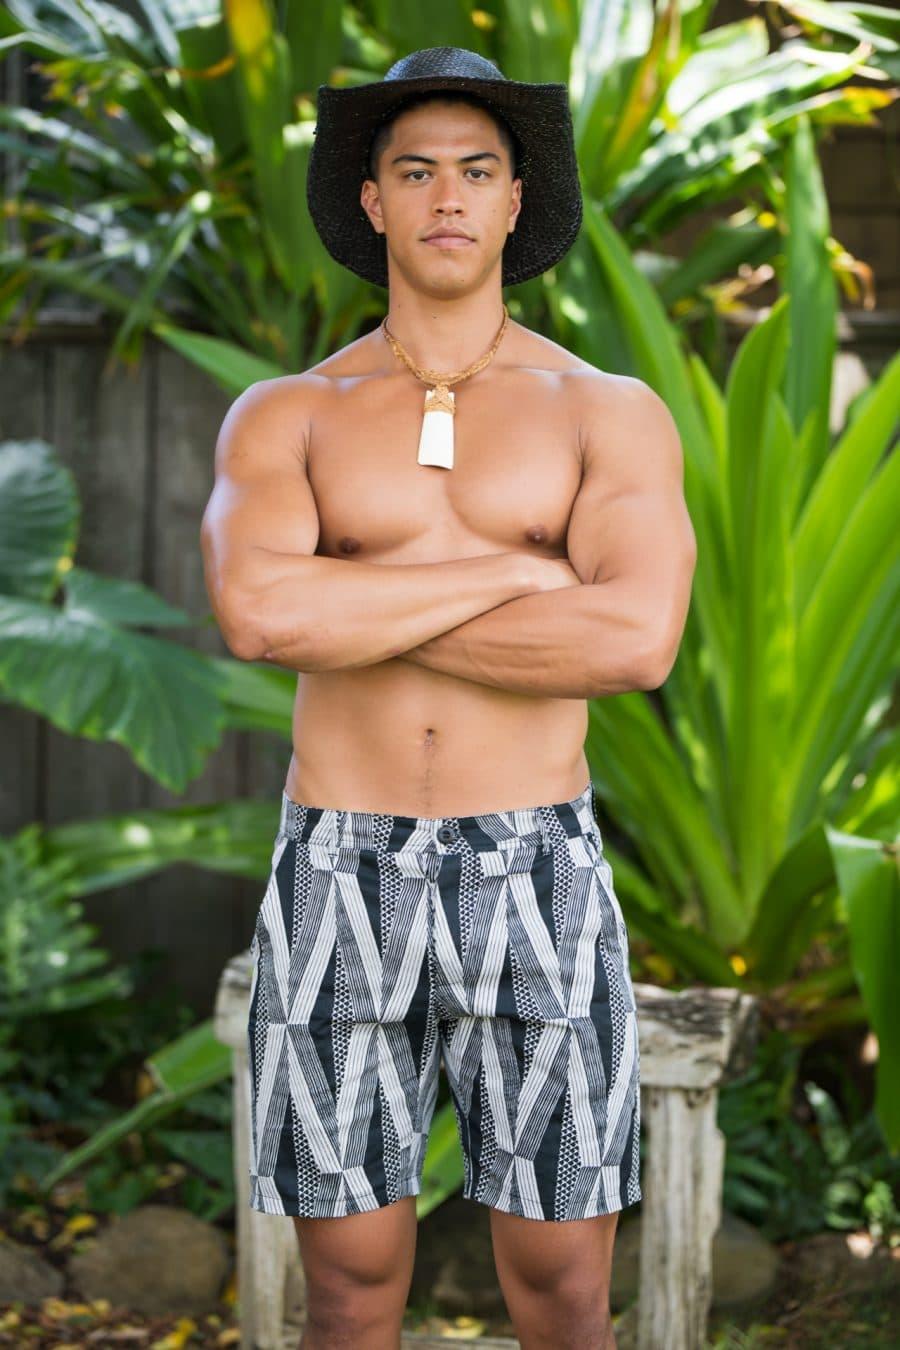 Male model wearing Keola Shorts in Black Windchime Kanaloa Pattern - Front View